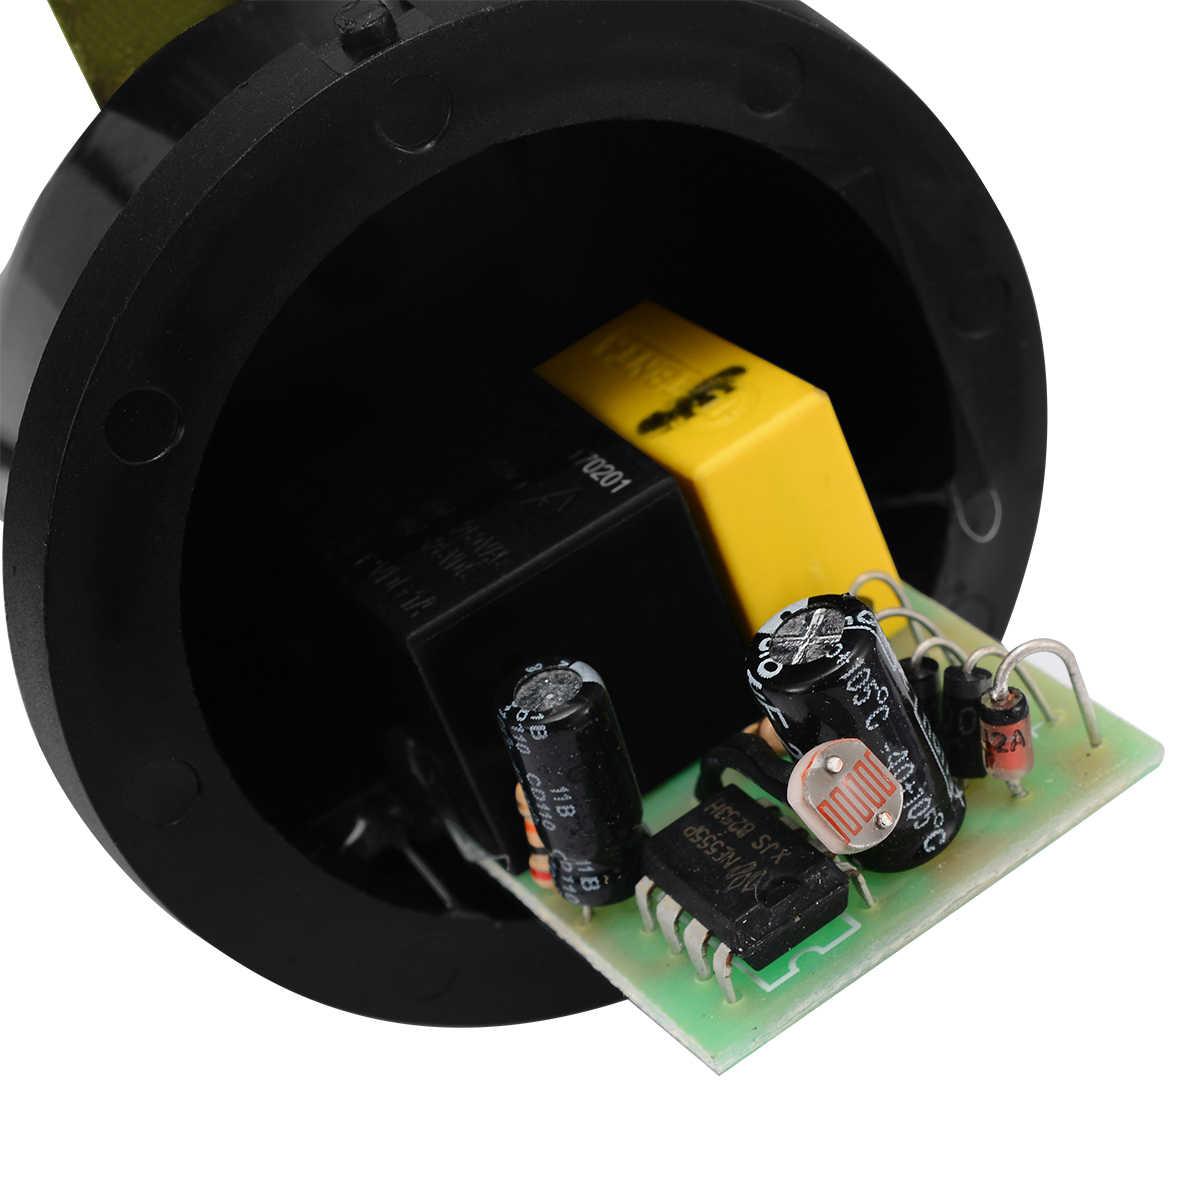 Непромокаемый автоматический светильник с датчиком управления Фото переключатель для наружного уличного светильник переключатель управления экономия энергии Mayitr